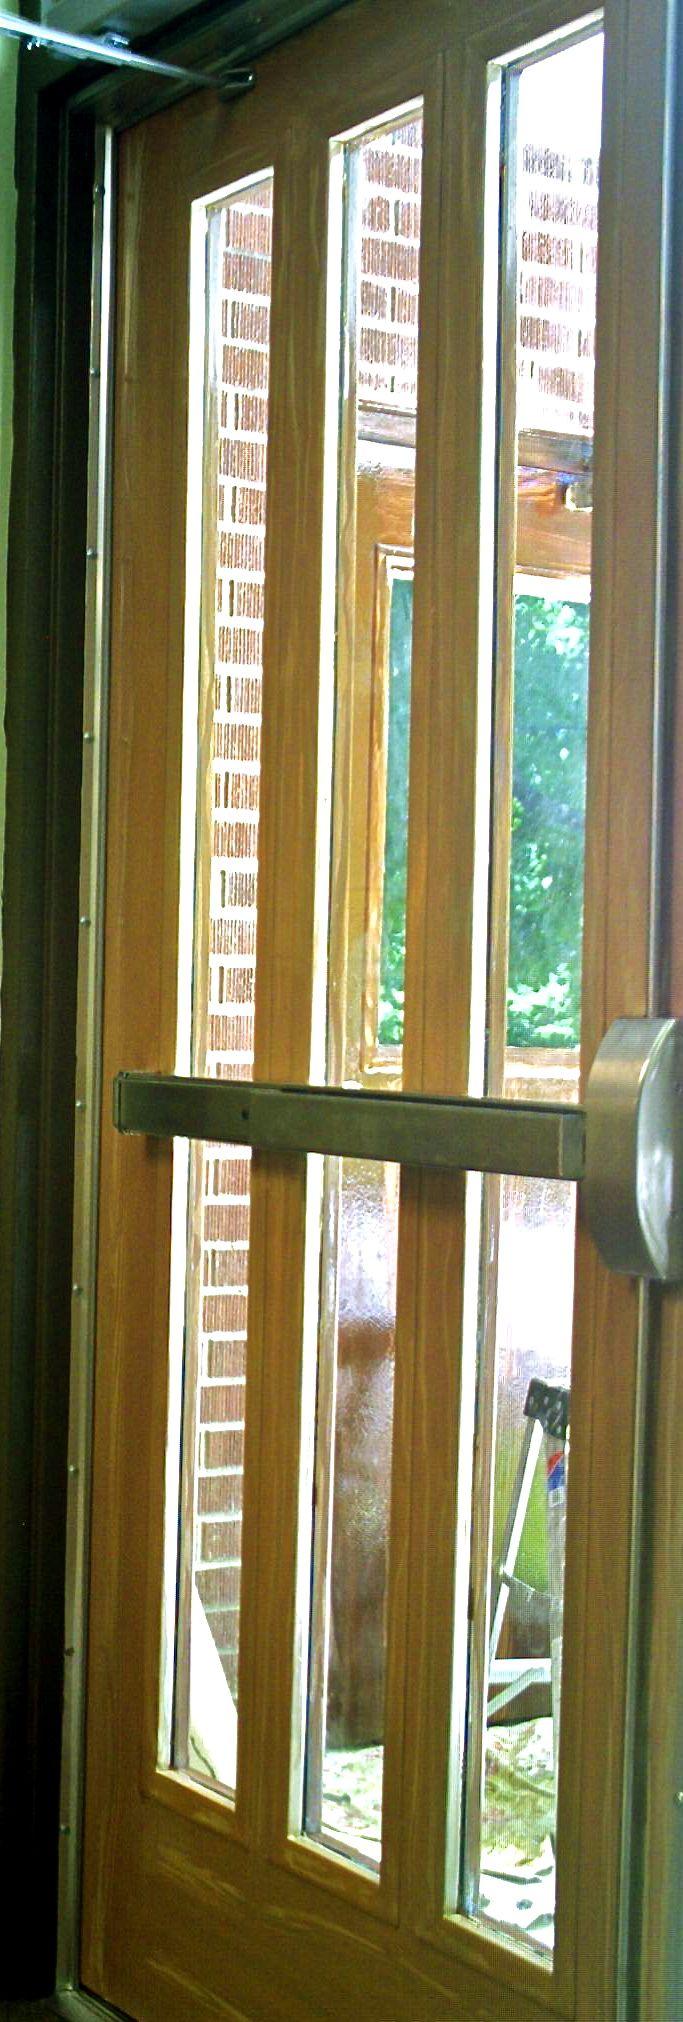 COMMERCIAL METAL INTERIOR DOORS